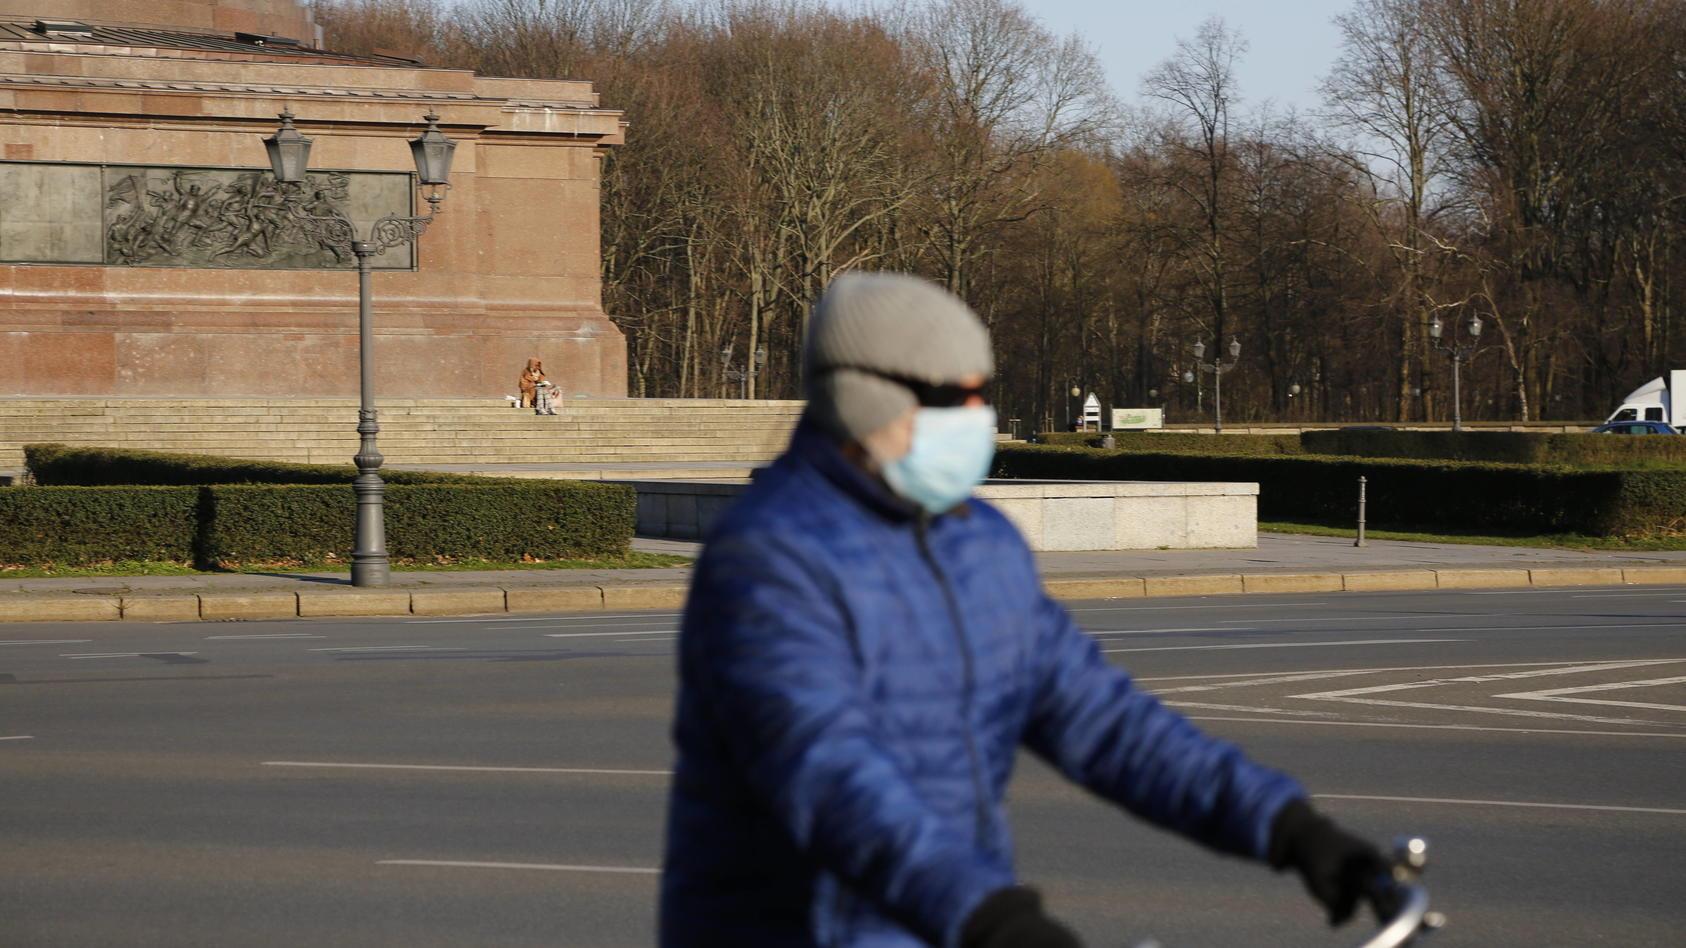 Ein Radfahrer an der Siegessäule während der Corona-Pandemie am 24.03.2020 *** A cyclist at the Victory Column during th